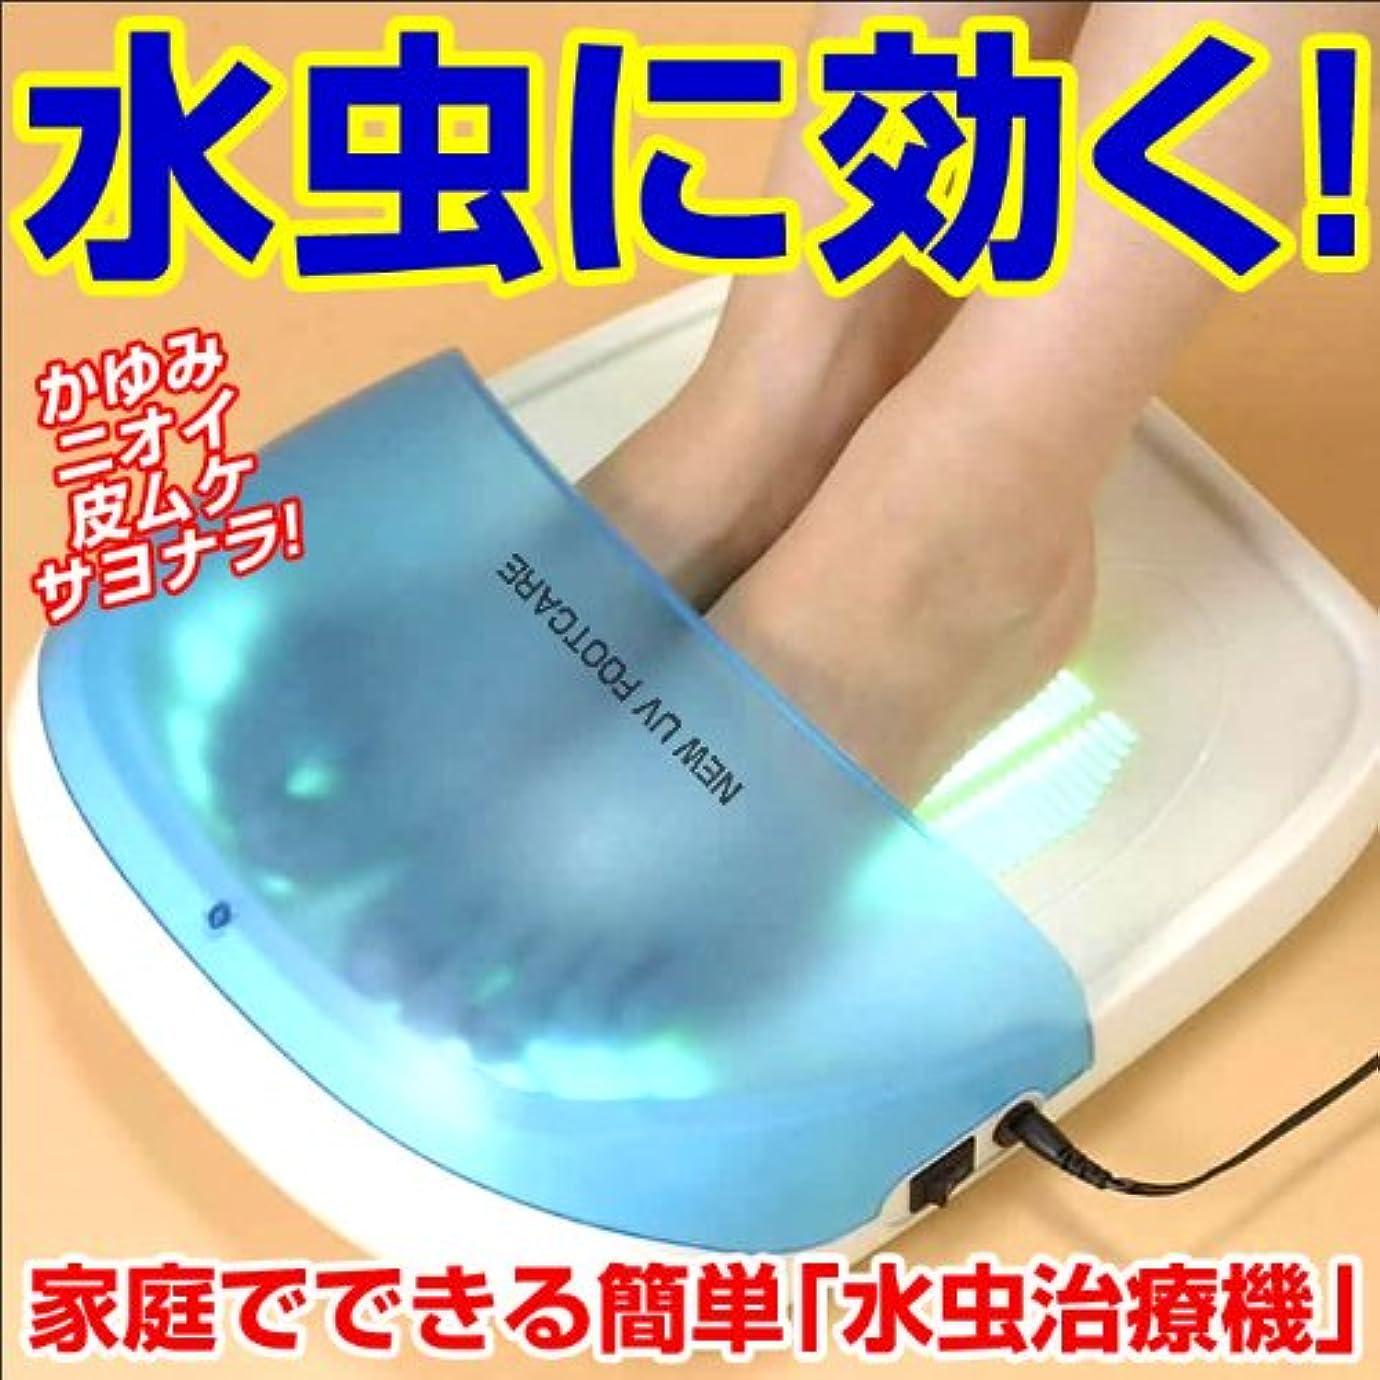 拒絶する詩人女性紫外線治療器UVフットケア(医療用具承認商品)